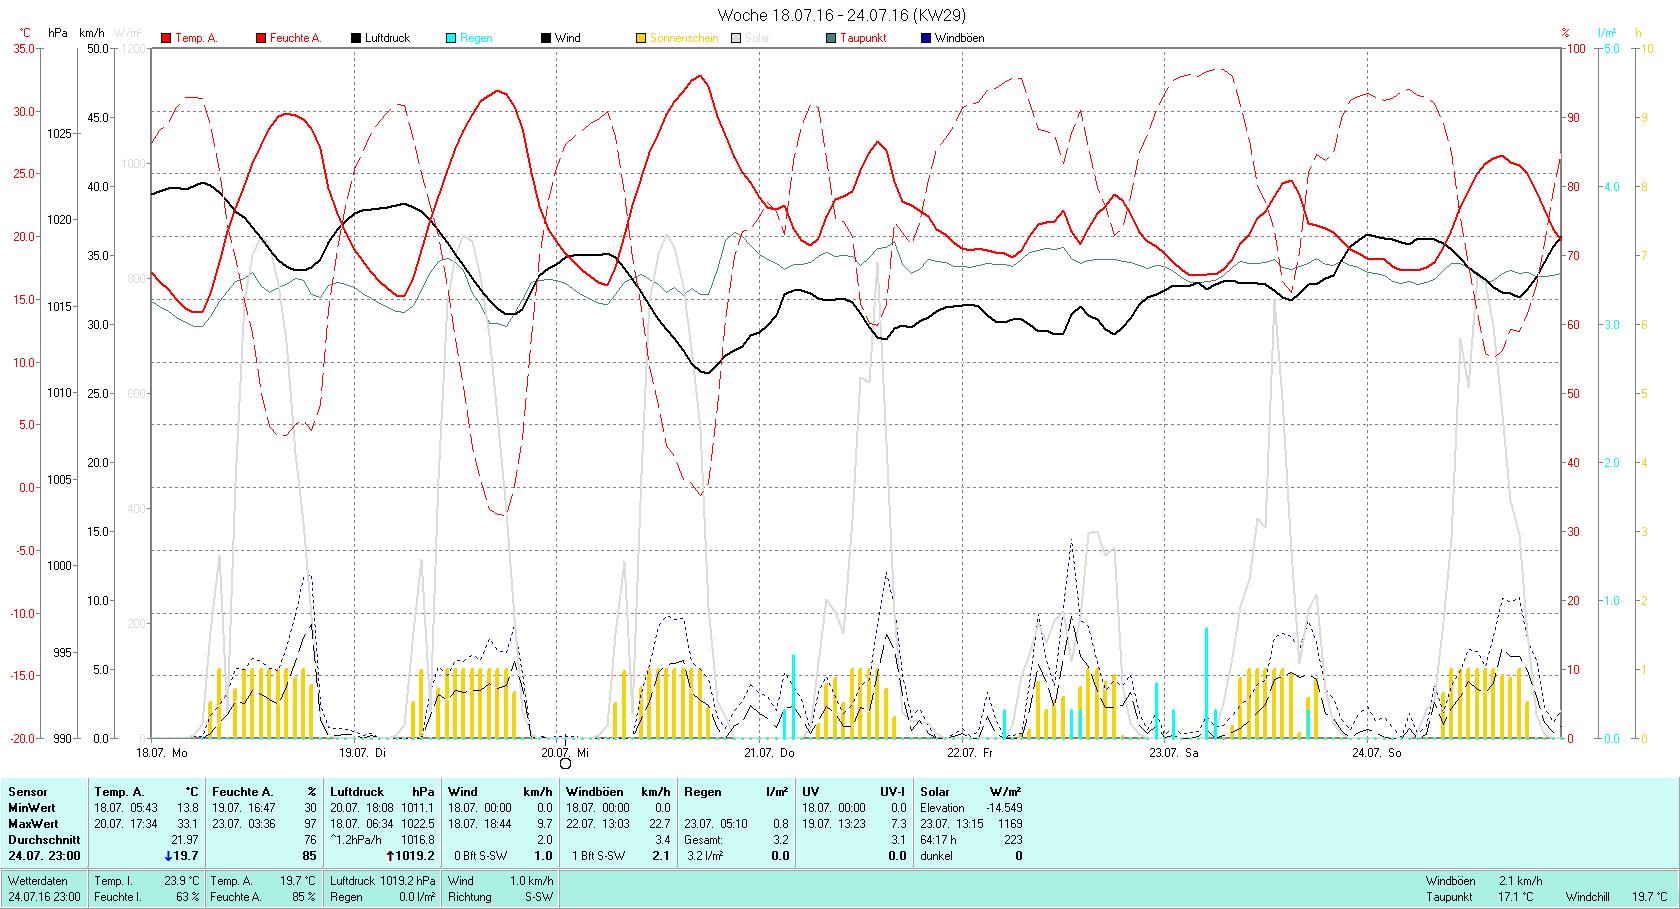 KW 29 Tmin 13.8°C, Tmax 33.1°C, Sonne 64:17h, Niederschlag 3.2mm/2